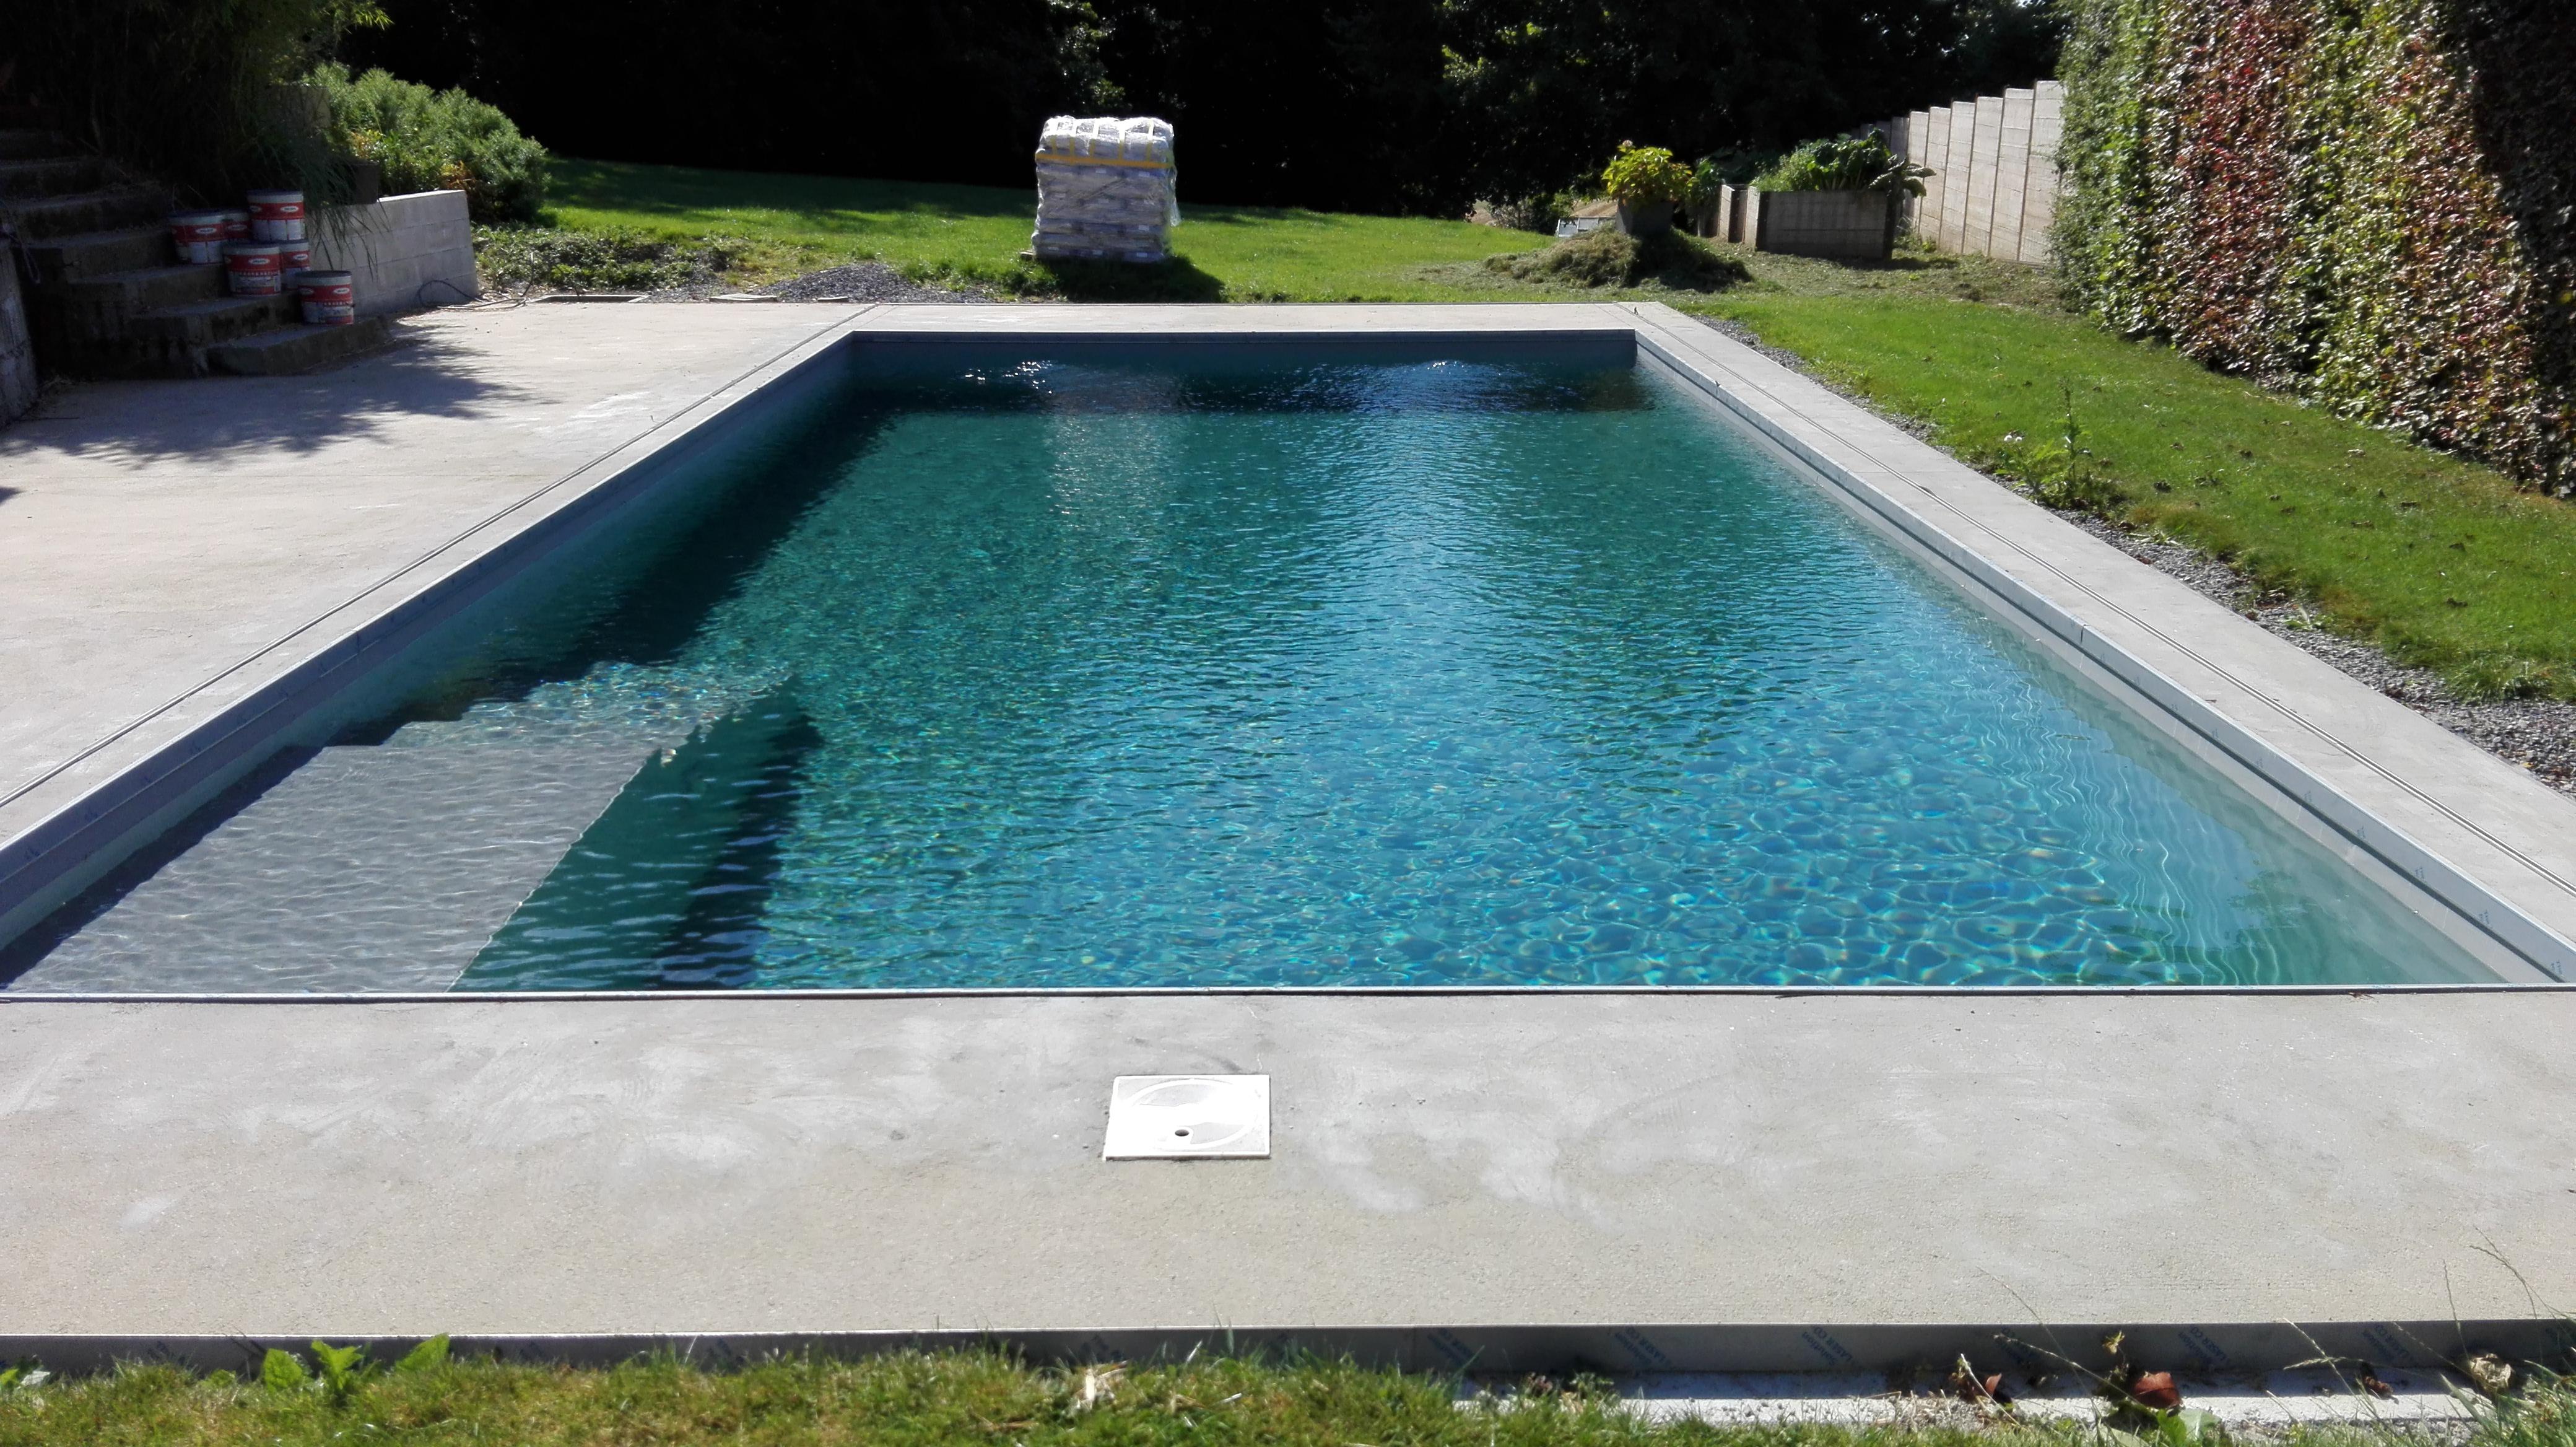 Entretien facile de votre piscine pbt tanch it Piscine entretien